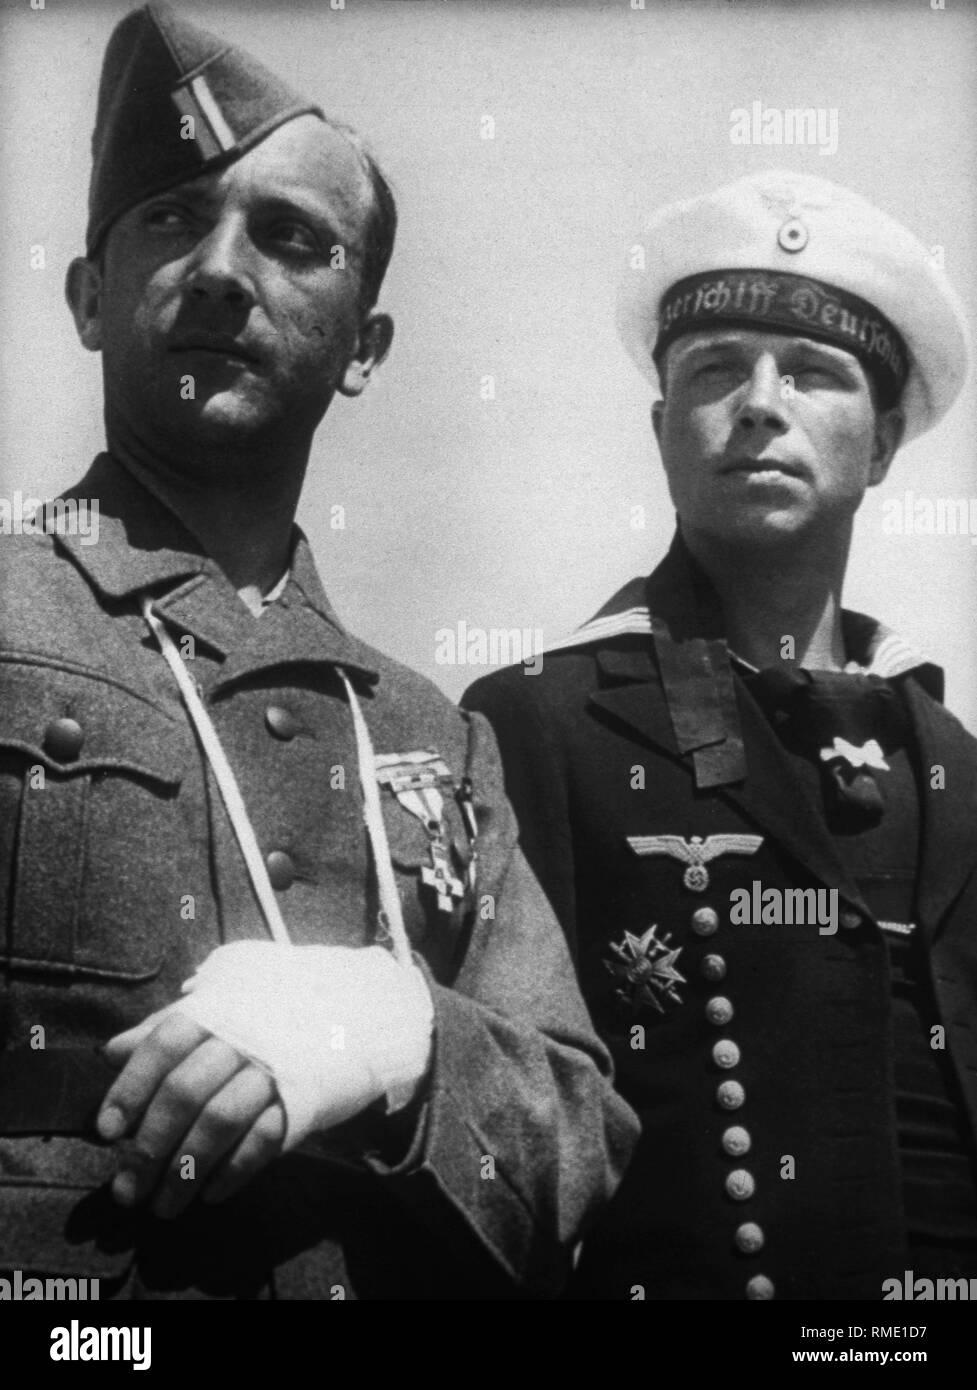 Homecoming Soldaten der Legion Condor, die im Spanischen Bürgerkrieg eingesetzt wurden. Auf der linken Seite Ein verwundeter Soldat der Armee, auf der rechten ein Seemann, der Deutschen cruiser 'Deutschland'. Stockbild